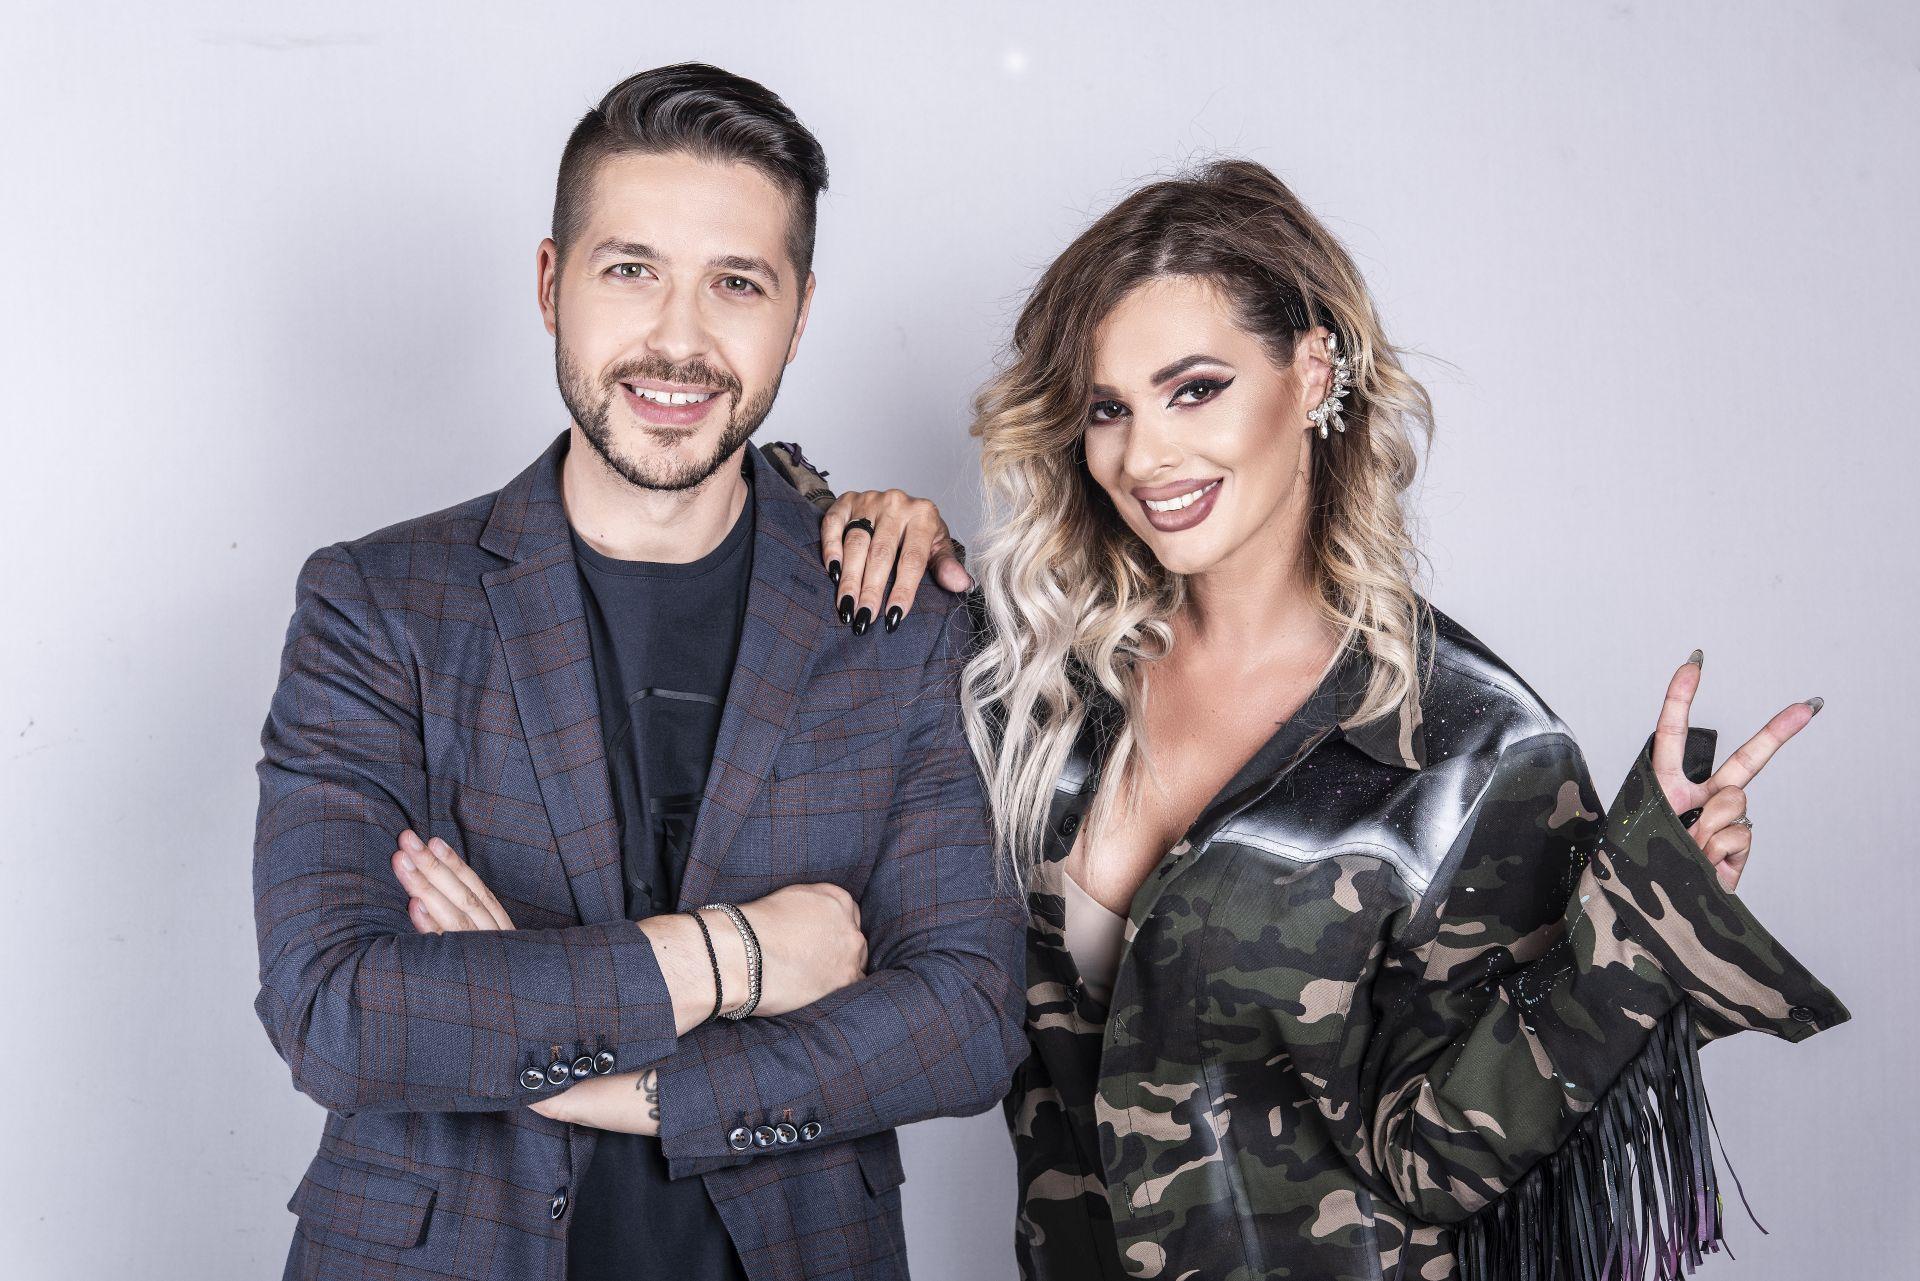 """Surpriză uriașă și un show de zile mari! Jorge și Maria Simion vor prezenta emisiunea """"Cool Summer Nights""""! """"Se anunță nopți de vară fabuloase"""""""